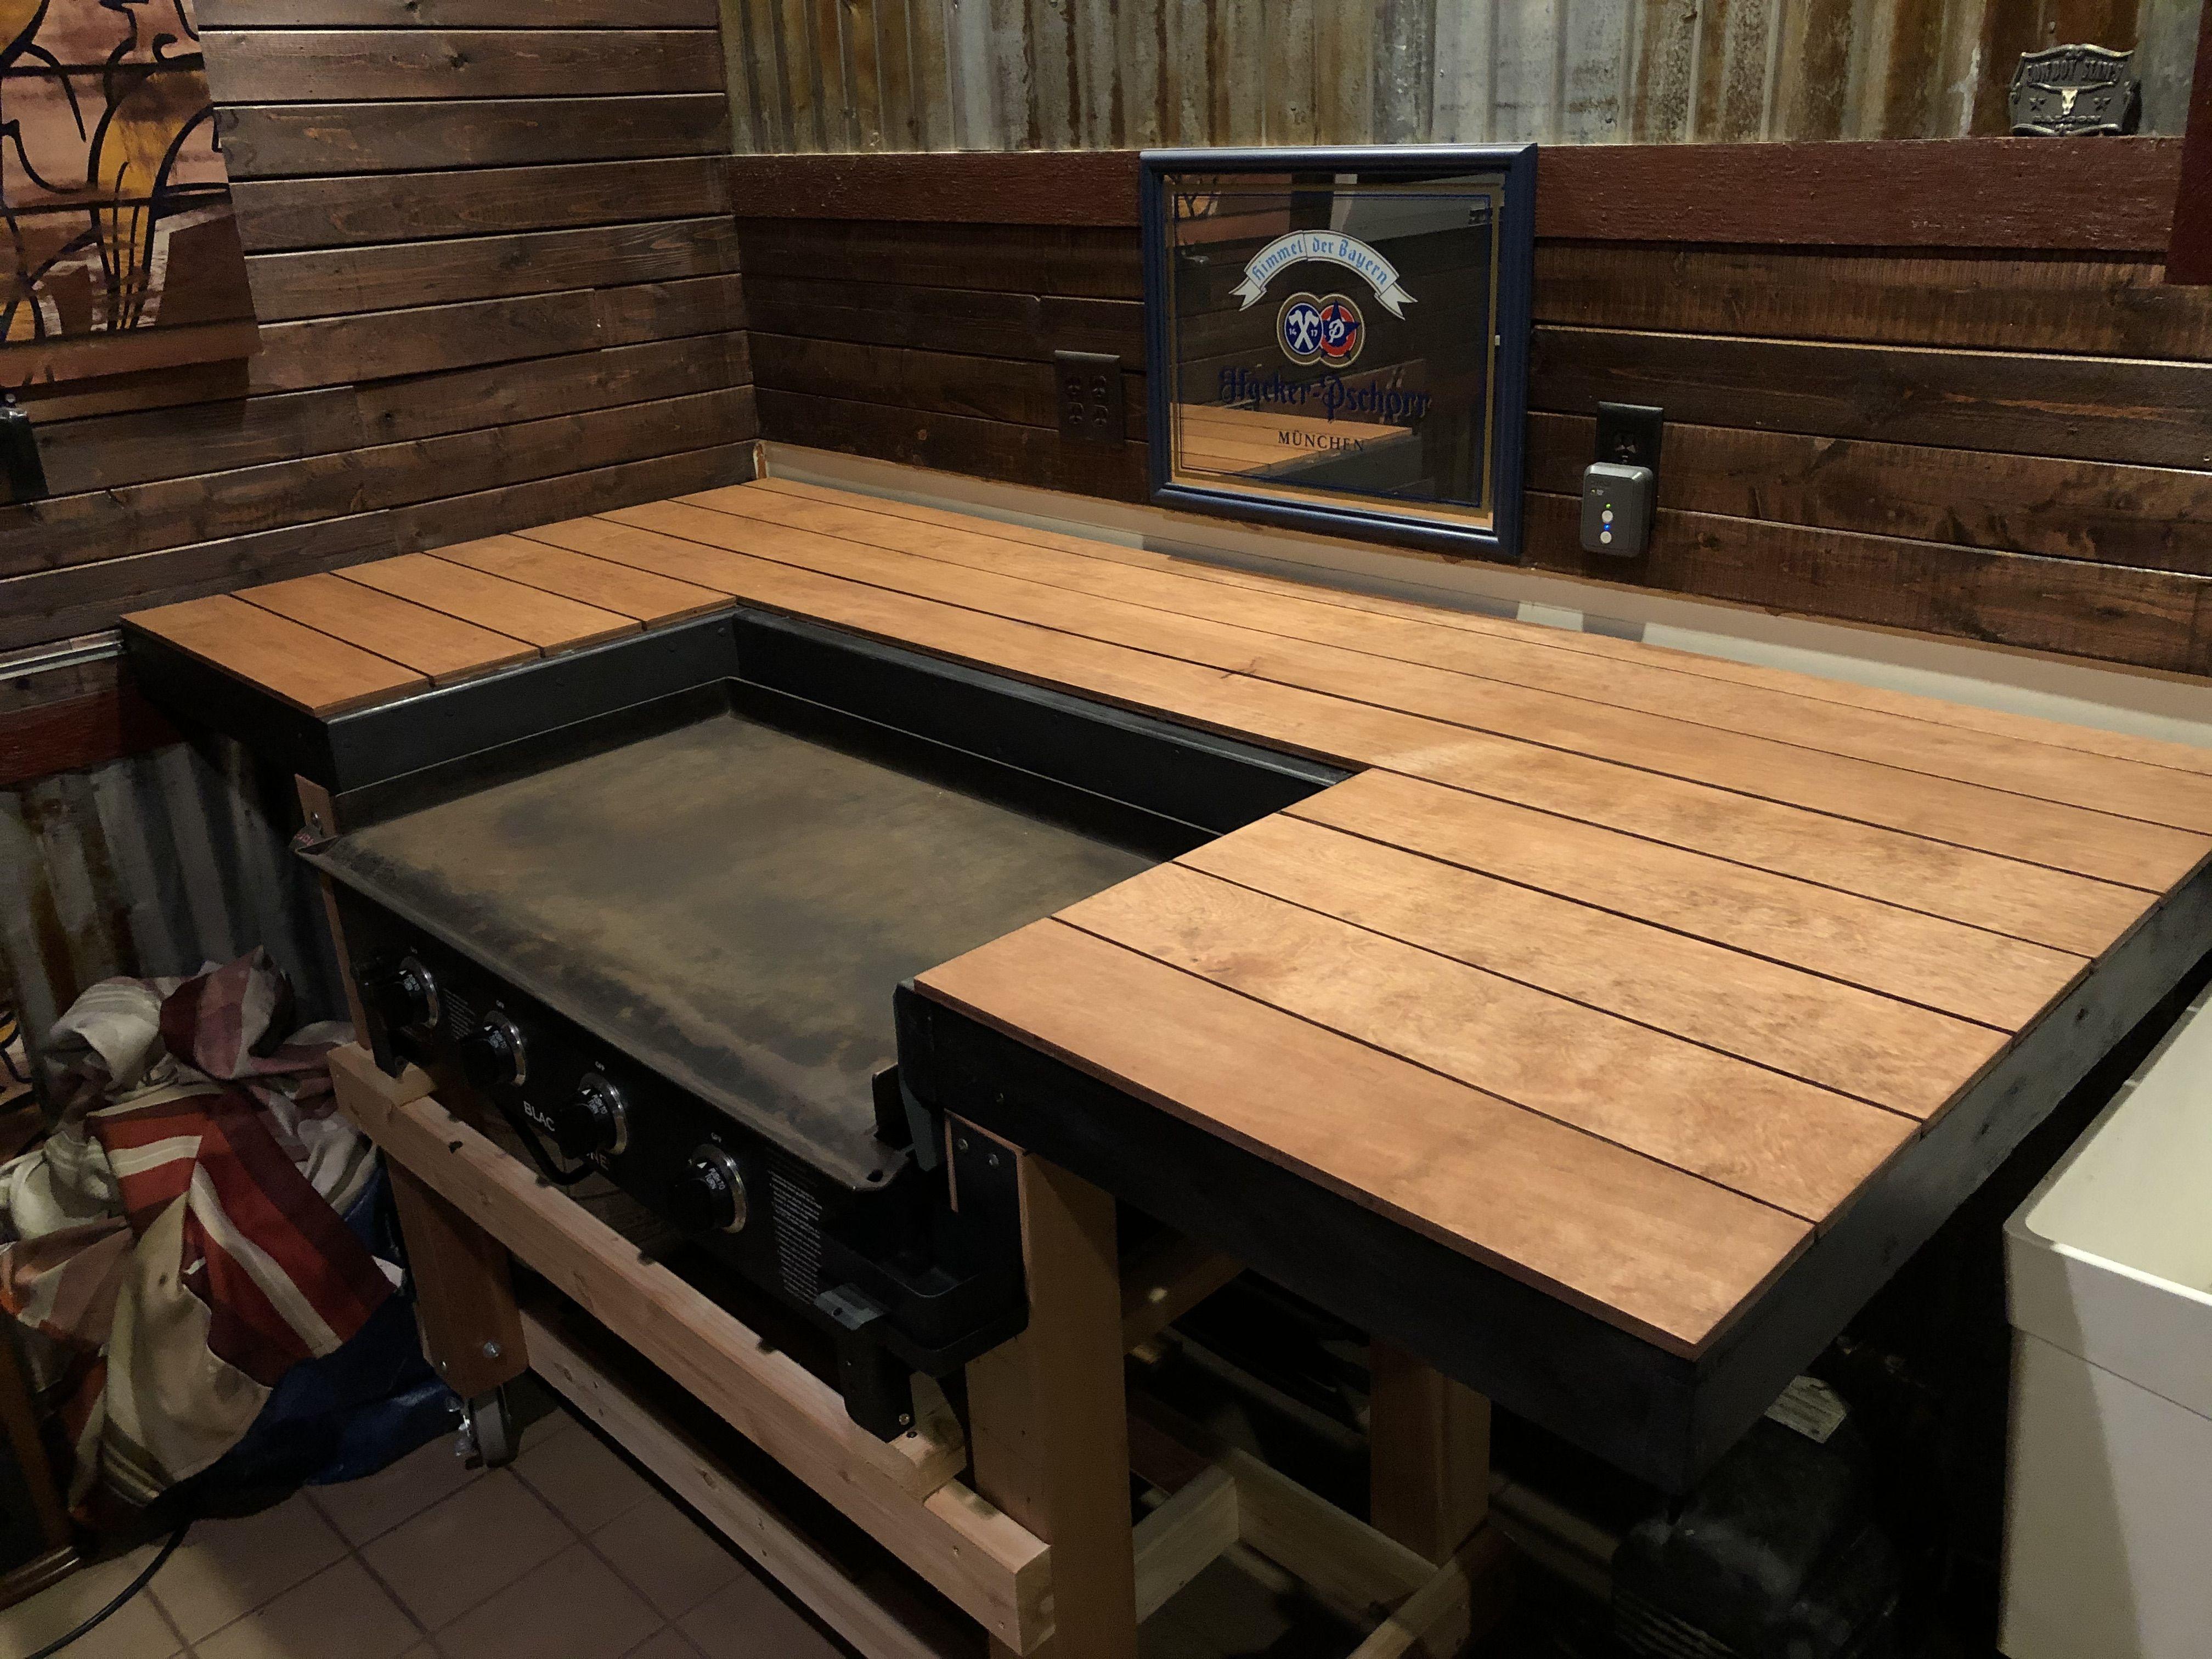 My Blackstone Griddle Upgrade Outdoor Kitchen Plans Outdoor Bbq Kitchen Pizza Oven Outdoor Kitchen